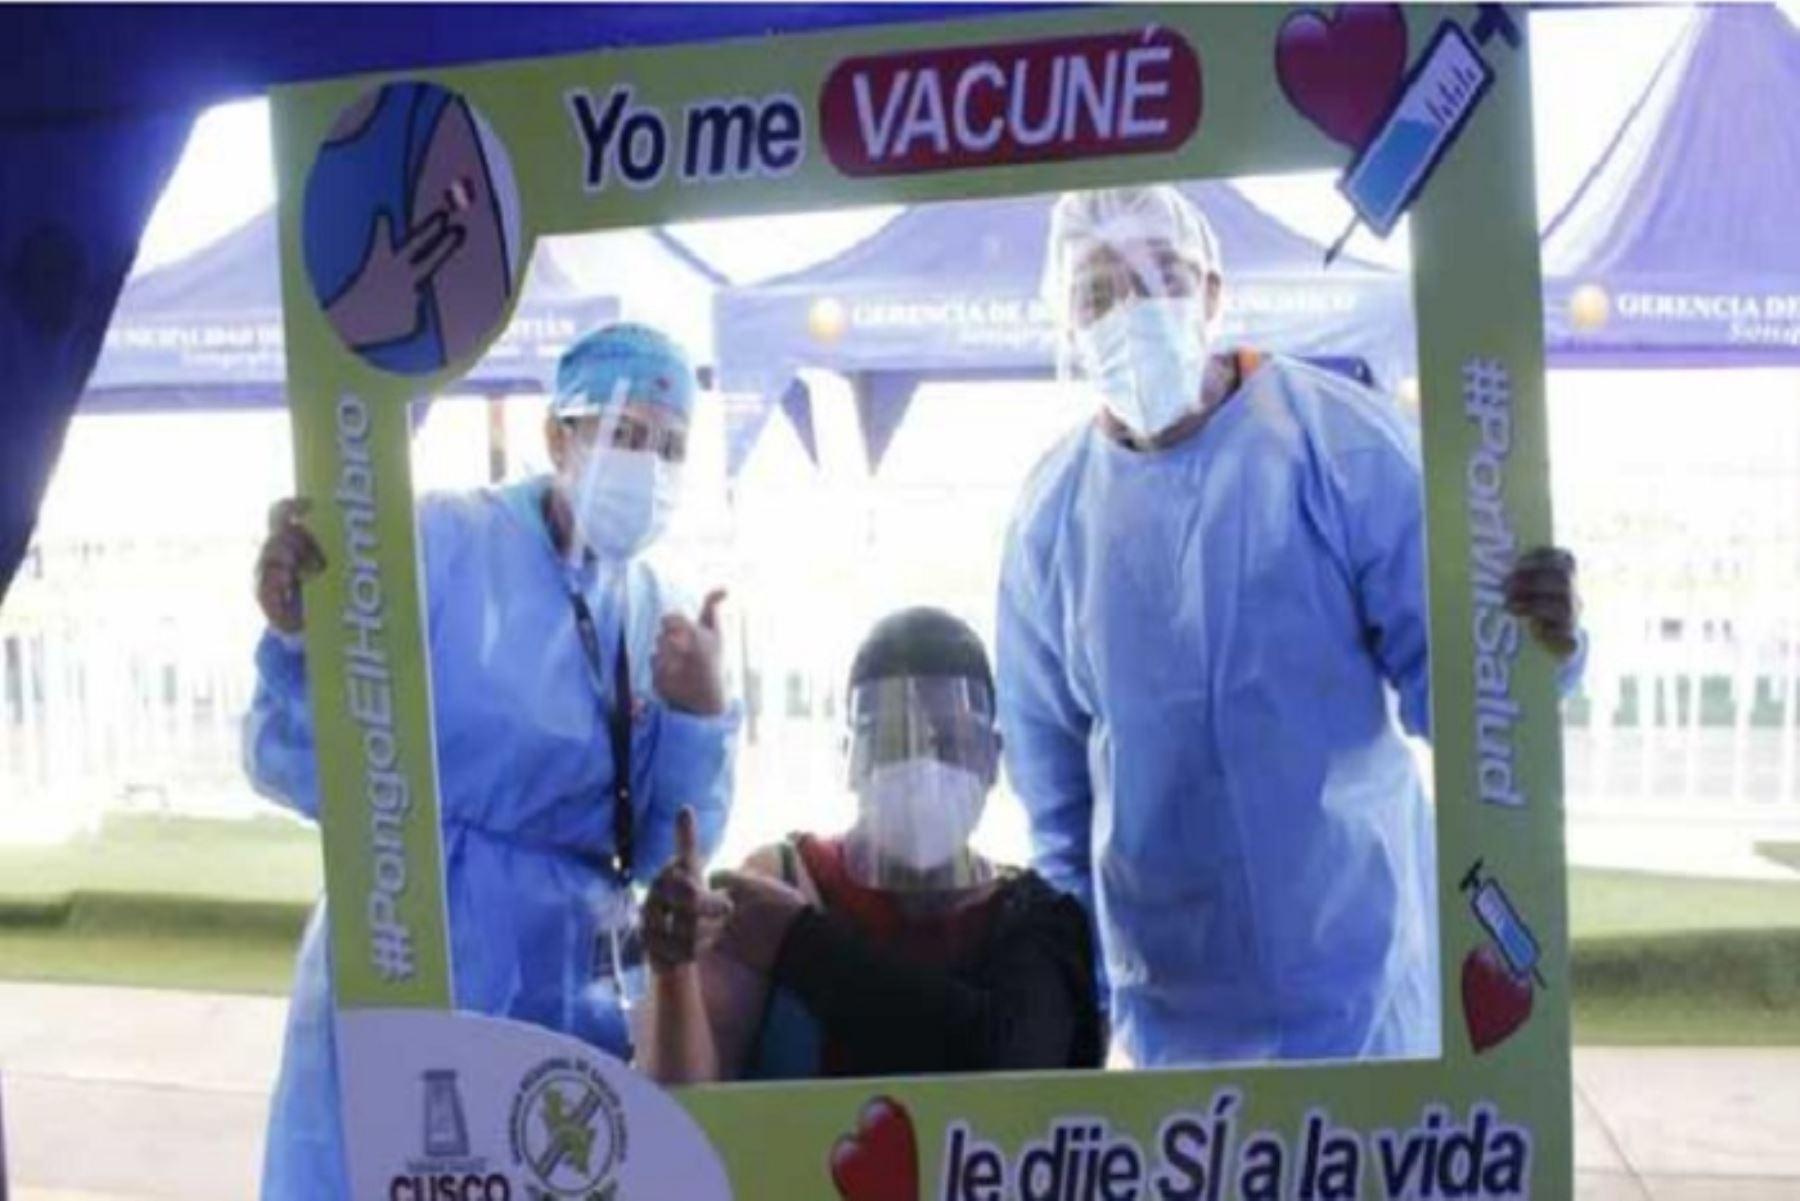 El Ministerio de Salud ha planificado vacunar con las dos dosis contra la covid-19 a 27.4 millones de personas que representan la población objetivo. Foto: Direcciones regionales de Salud.